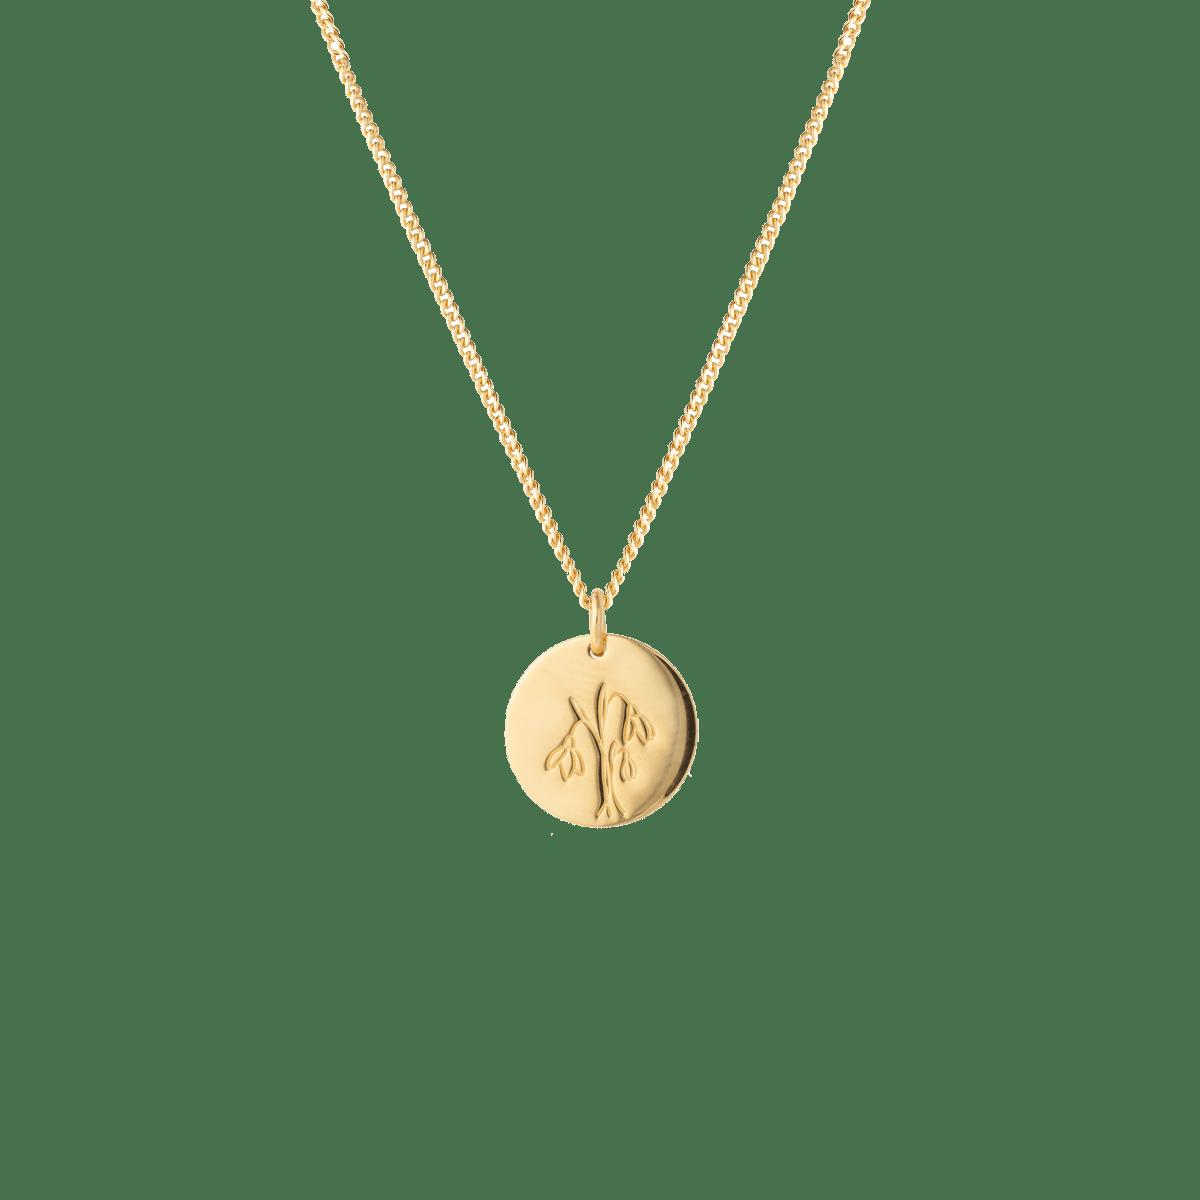 birthflower necklace gold snow drop